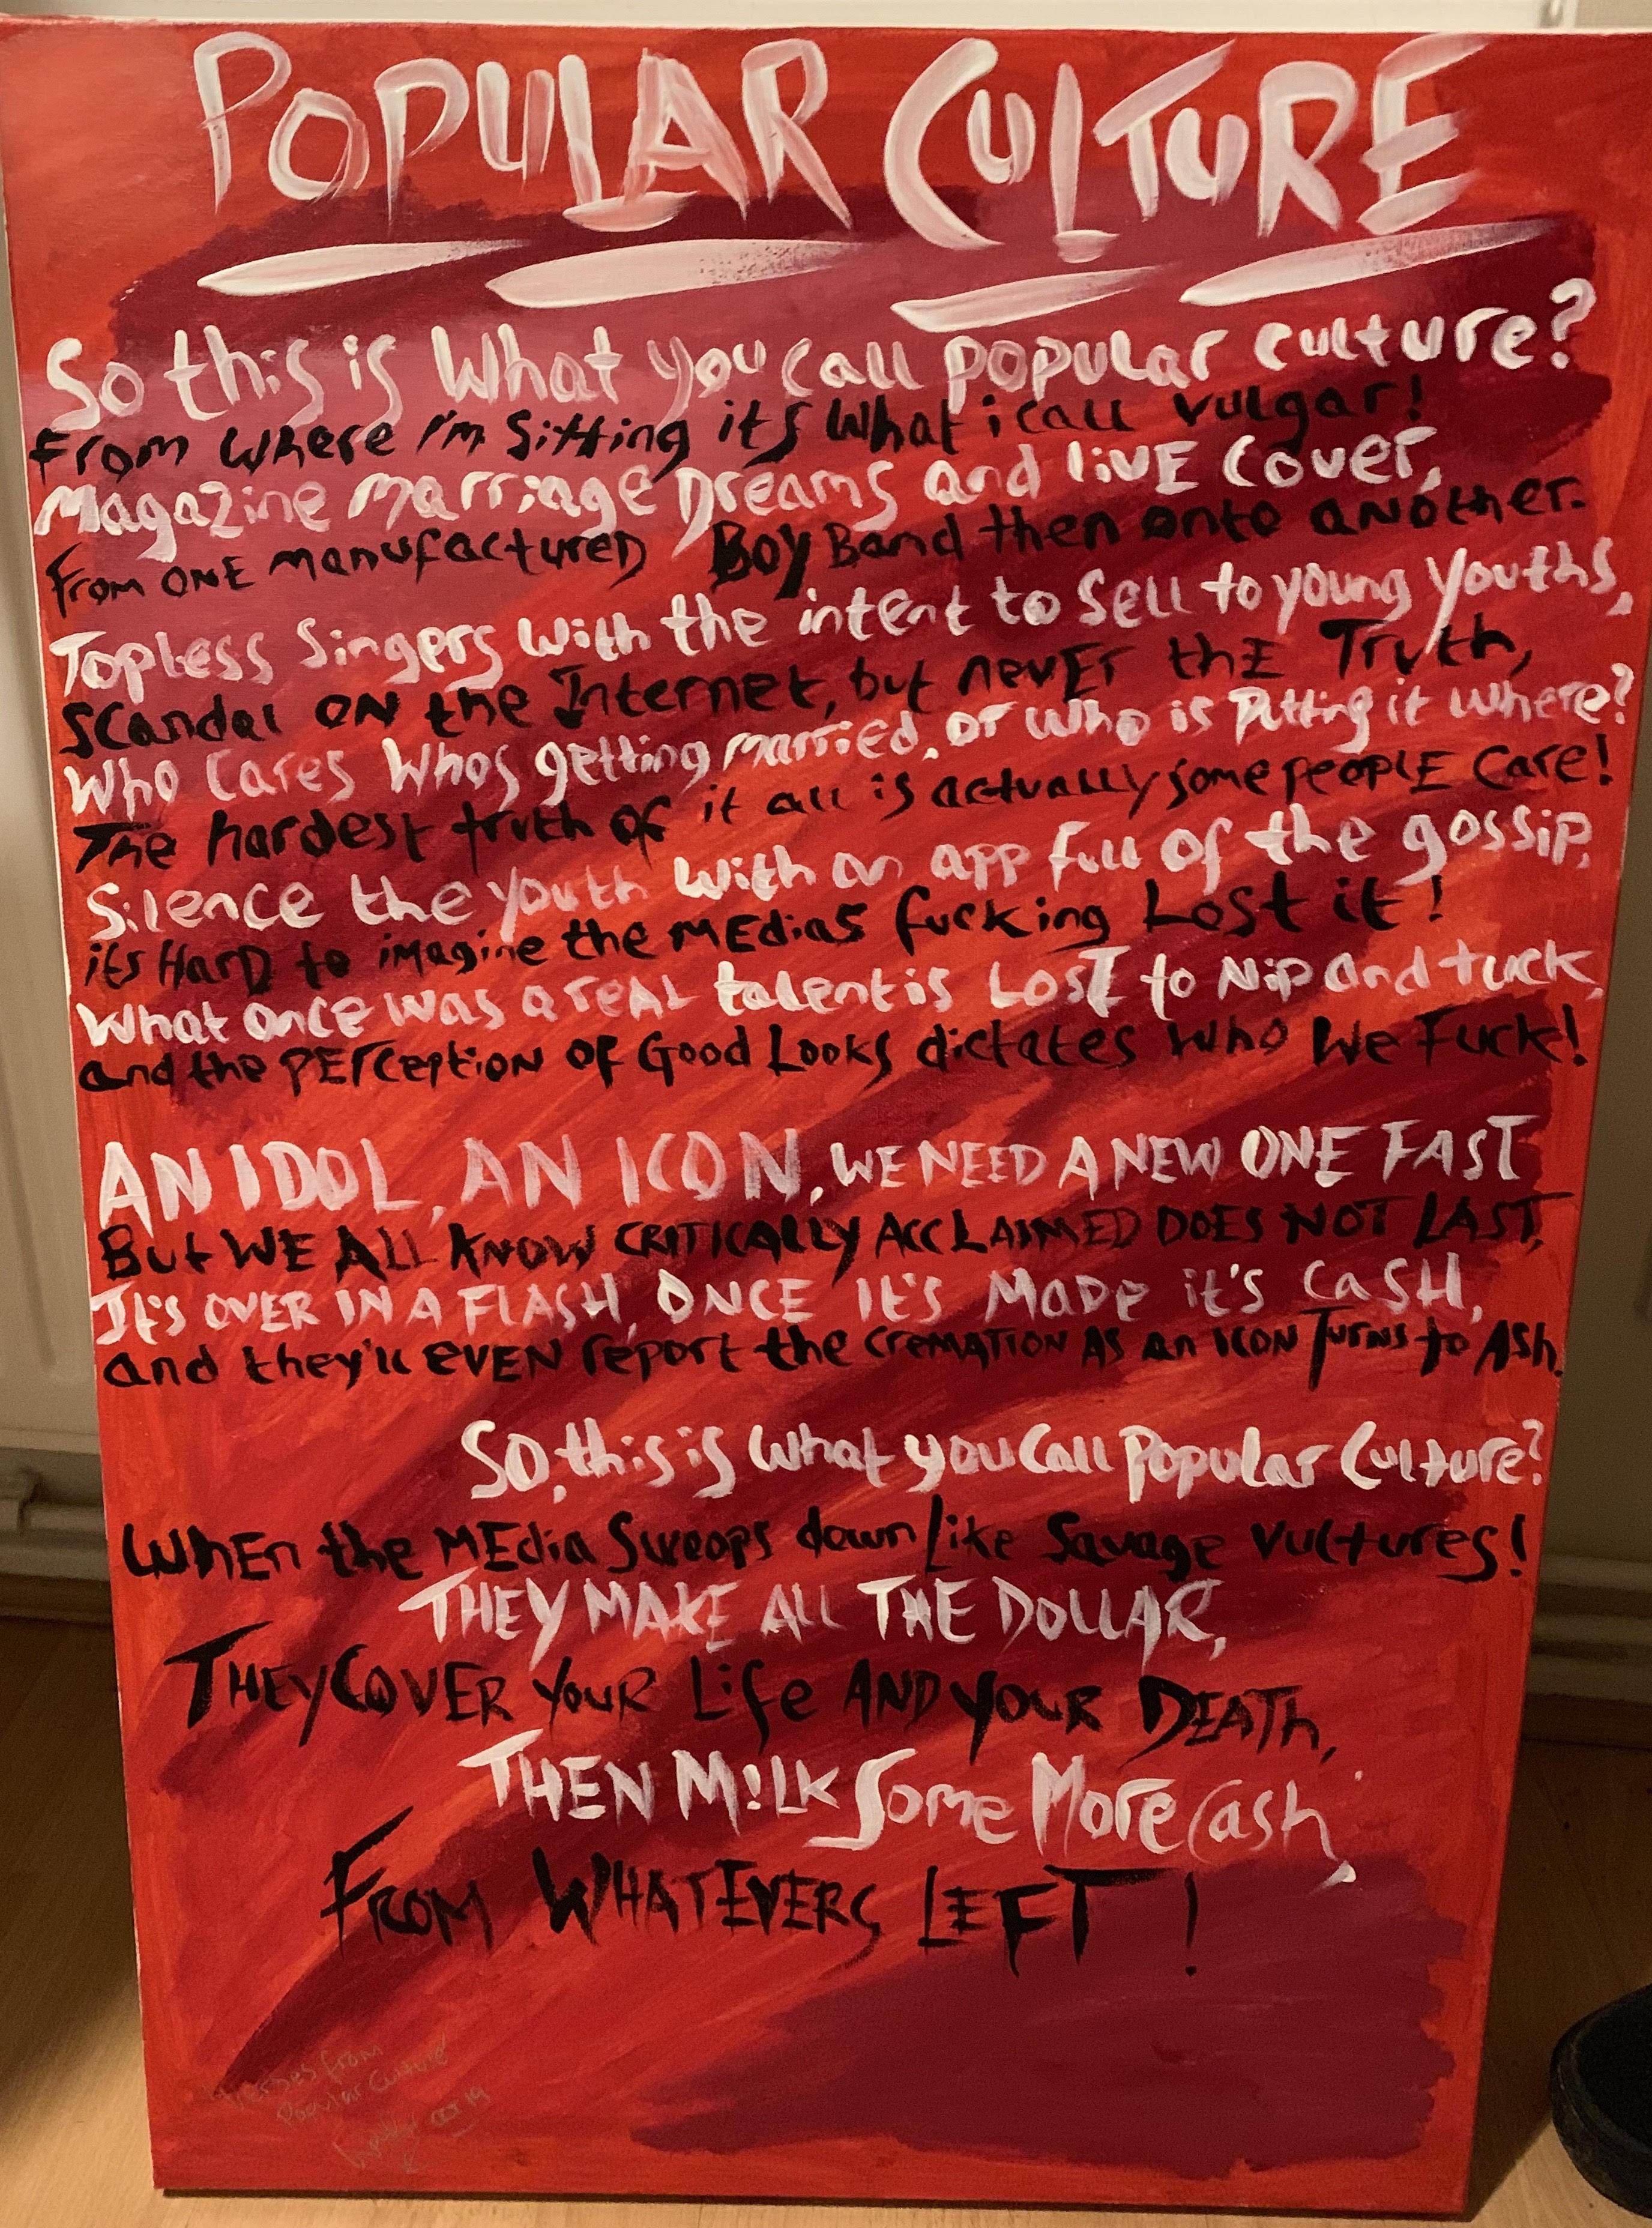 Popular Culture- Full Poem